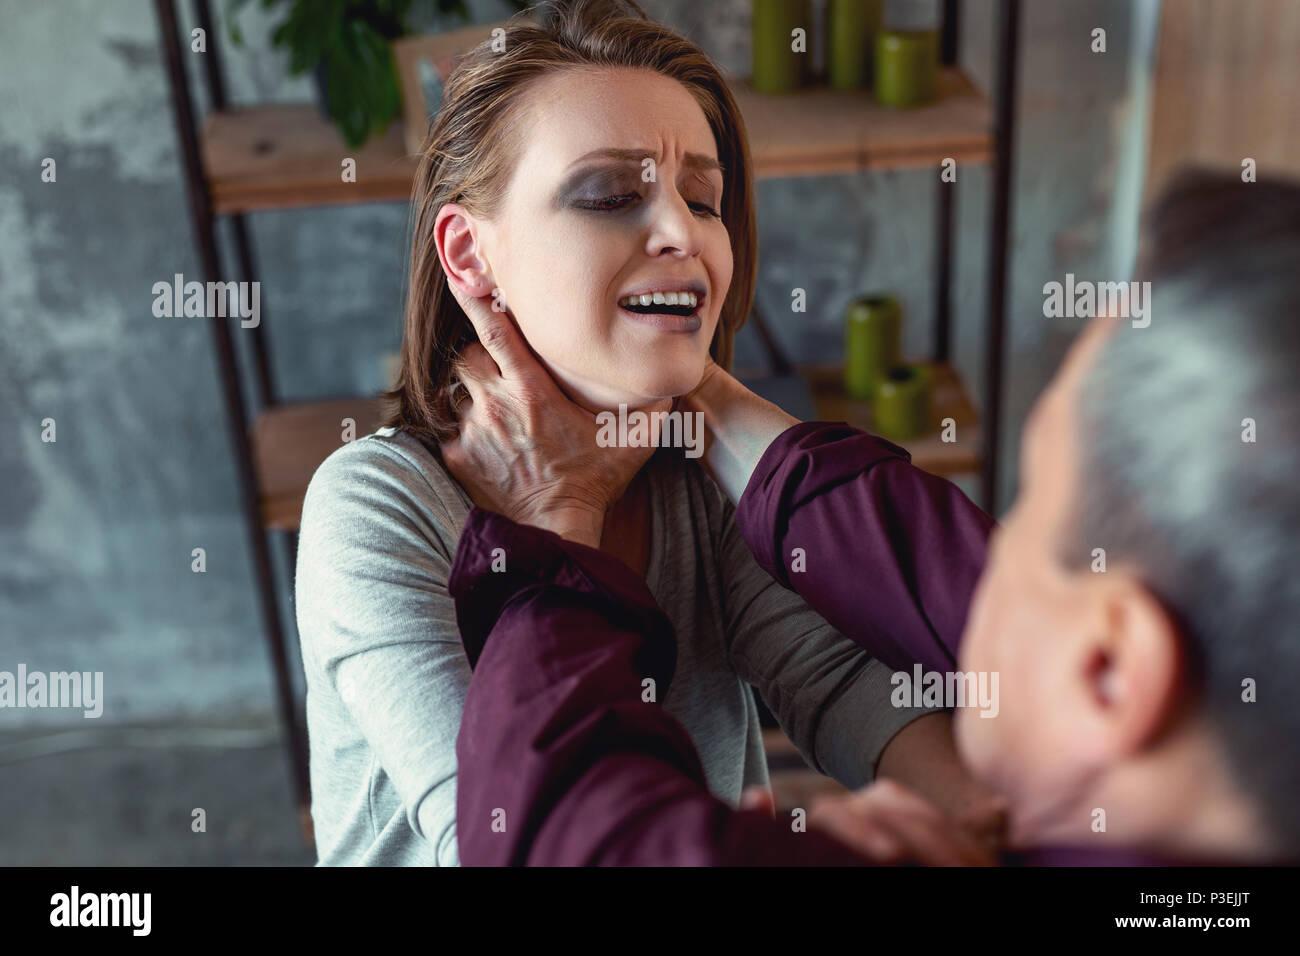 Dunkelhaarige Frau Gefühl schrecklich leiden vom Ehemann Aggression Stockbild